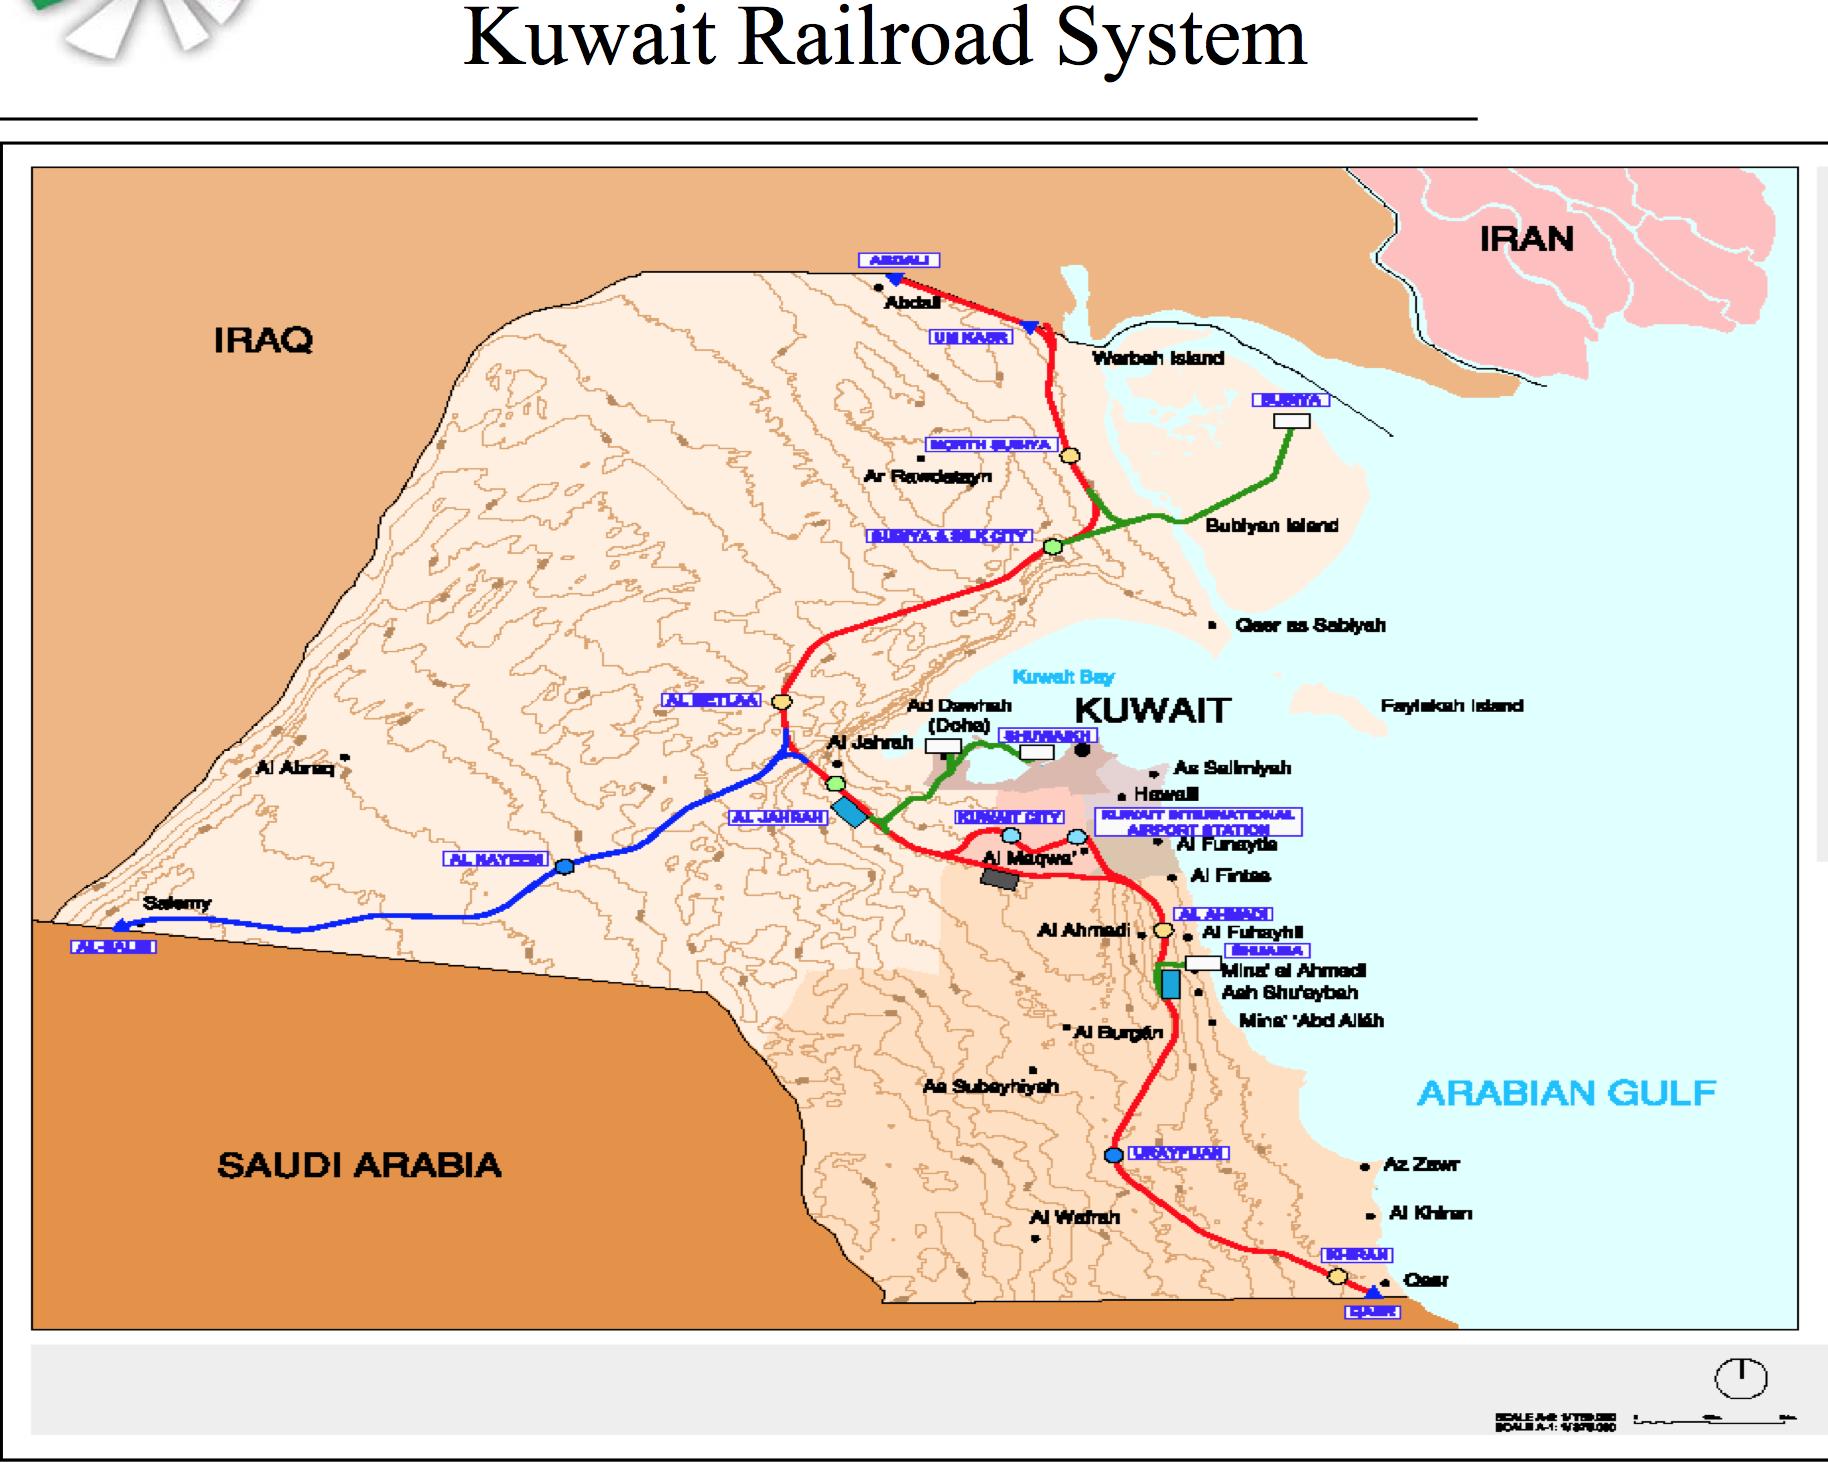 Kuwait Railroad